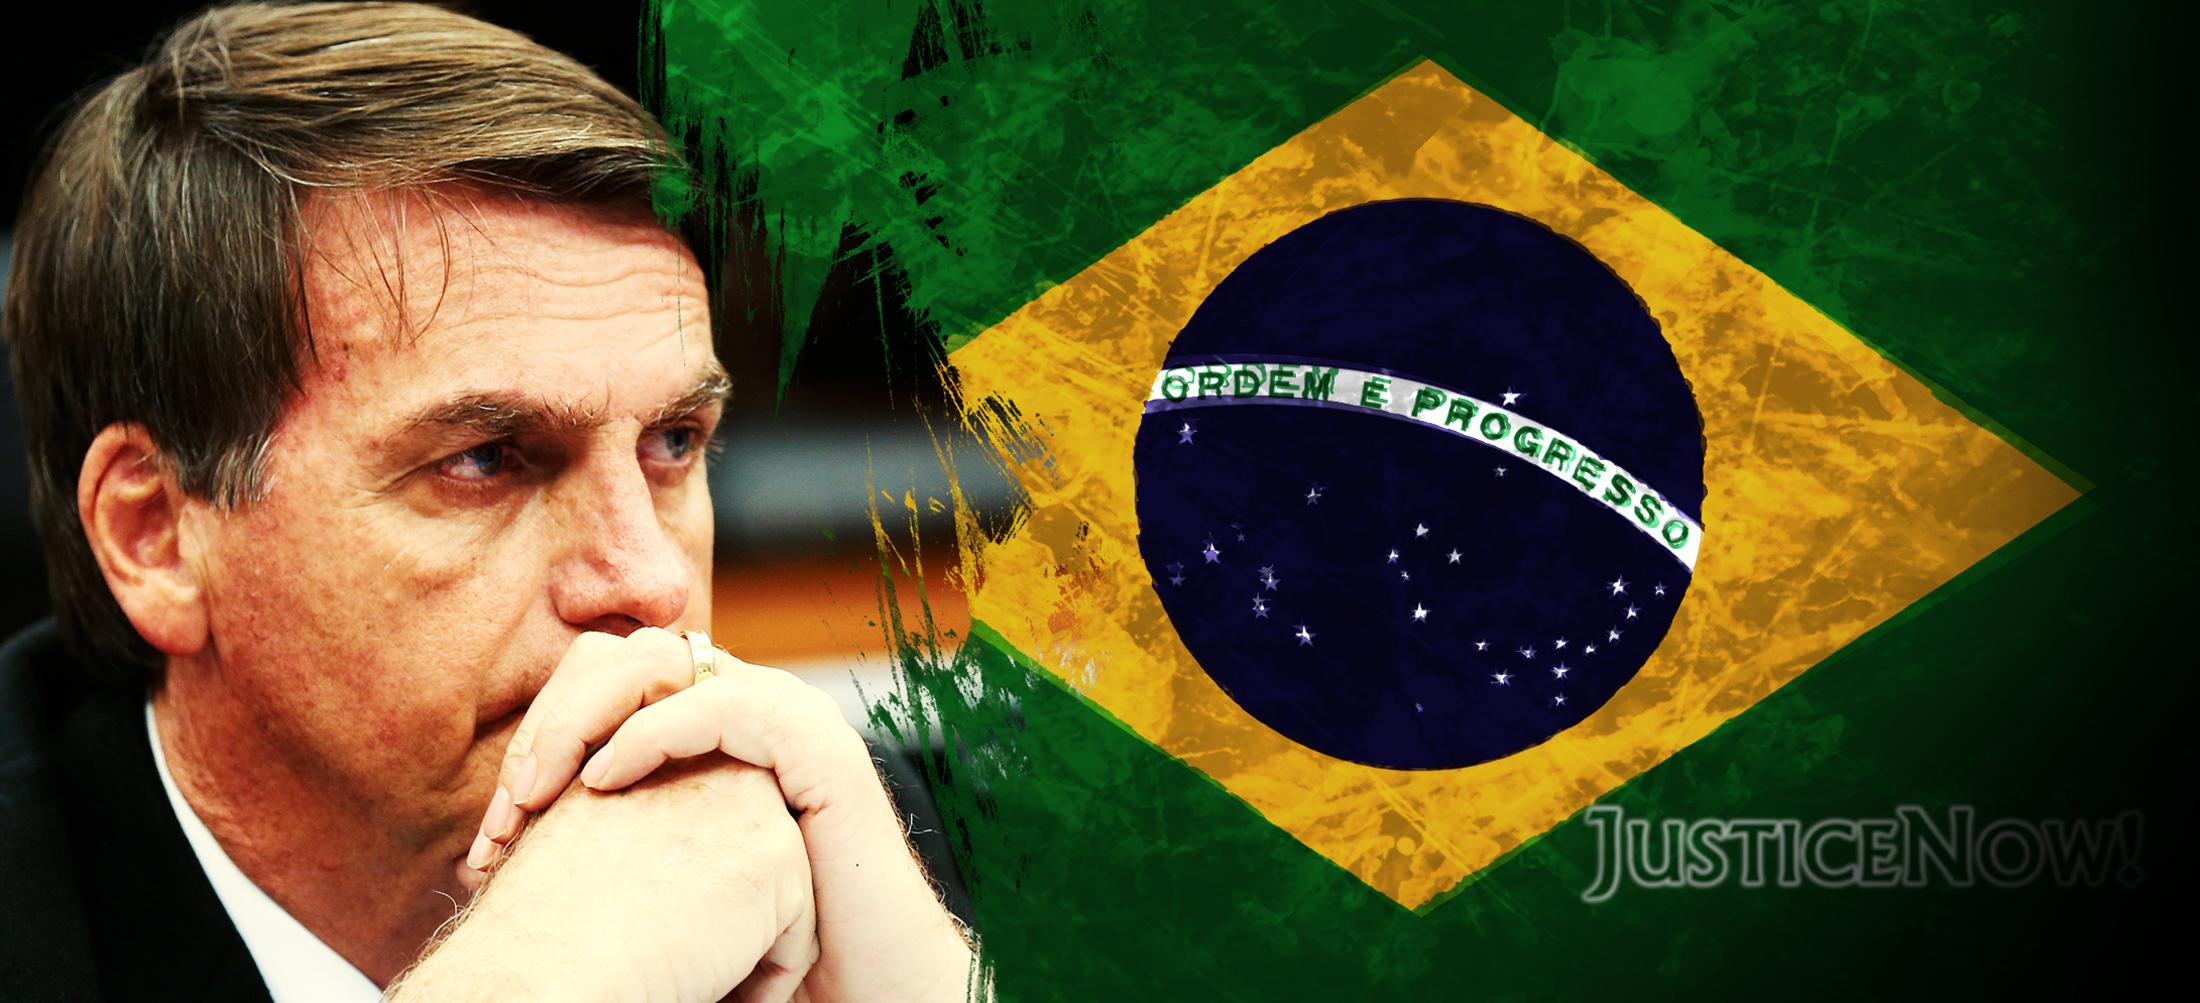 Brasiliens neuer Präsident Bolsonaro ist ein Nazi – hören wir ihm kurz zu <br>  <span id='sec-title'>Dieses Land, die Welt, hat etwas Besseres verdient.</span>